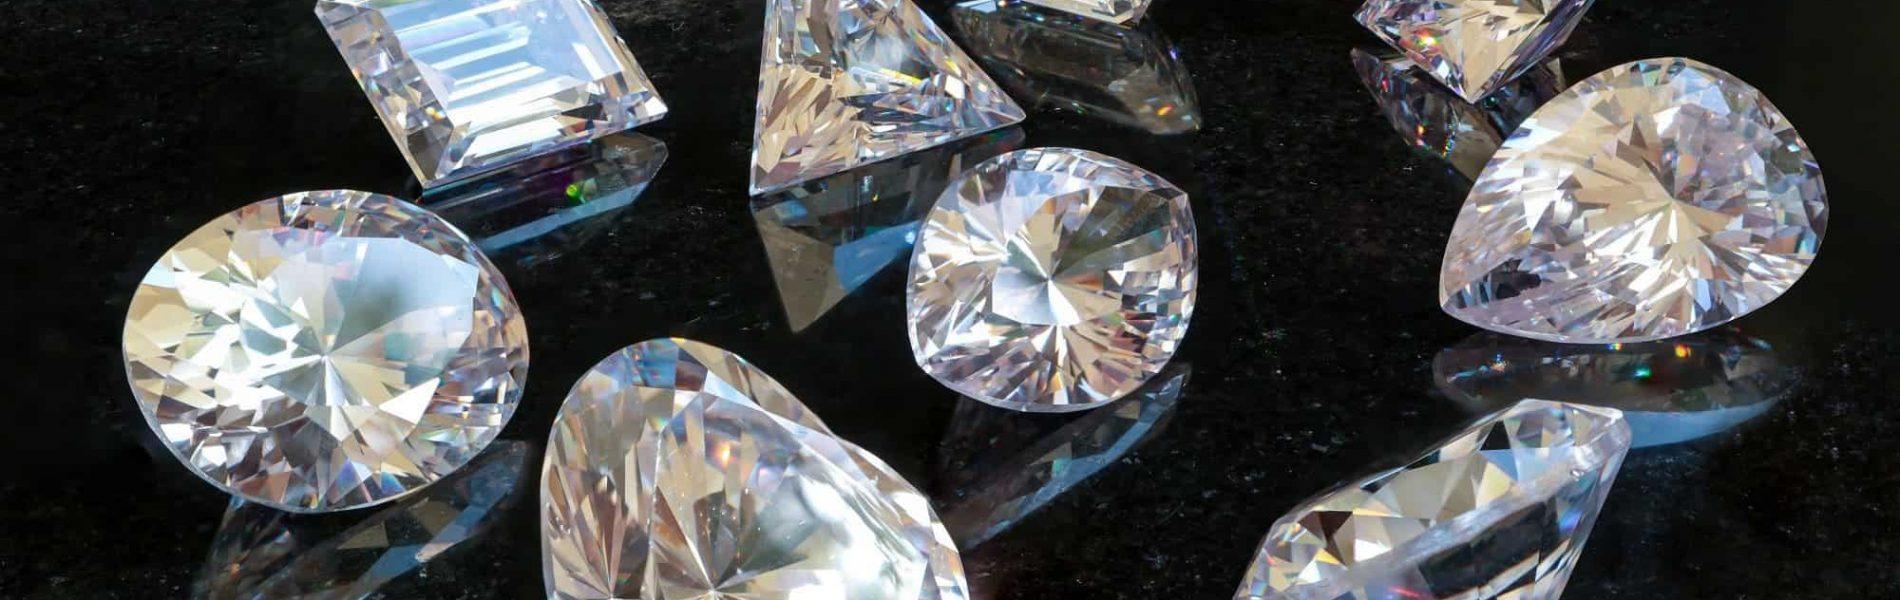 יהלומים לנצח: היווצרות היהלומים בעולם התרחשה מאוחר משחשבנו